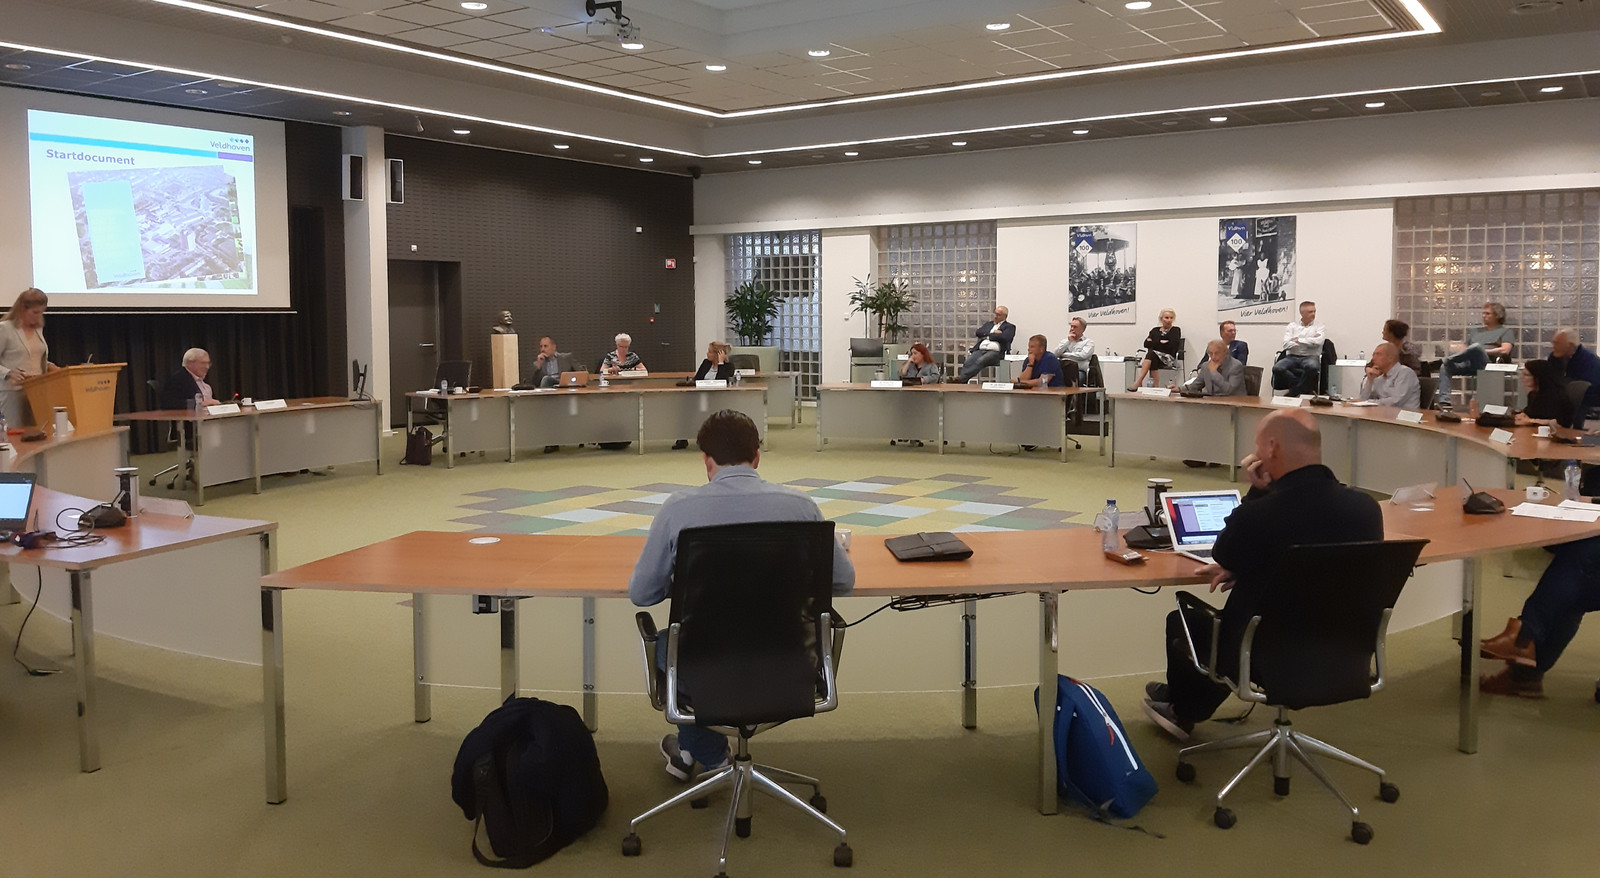 De raadszaal in het Veldhovense gemeentehuis.